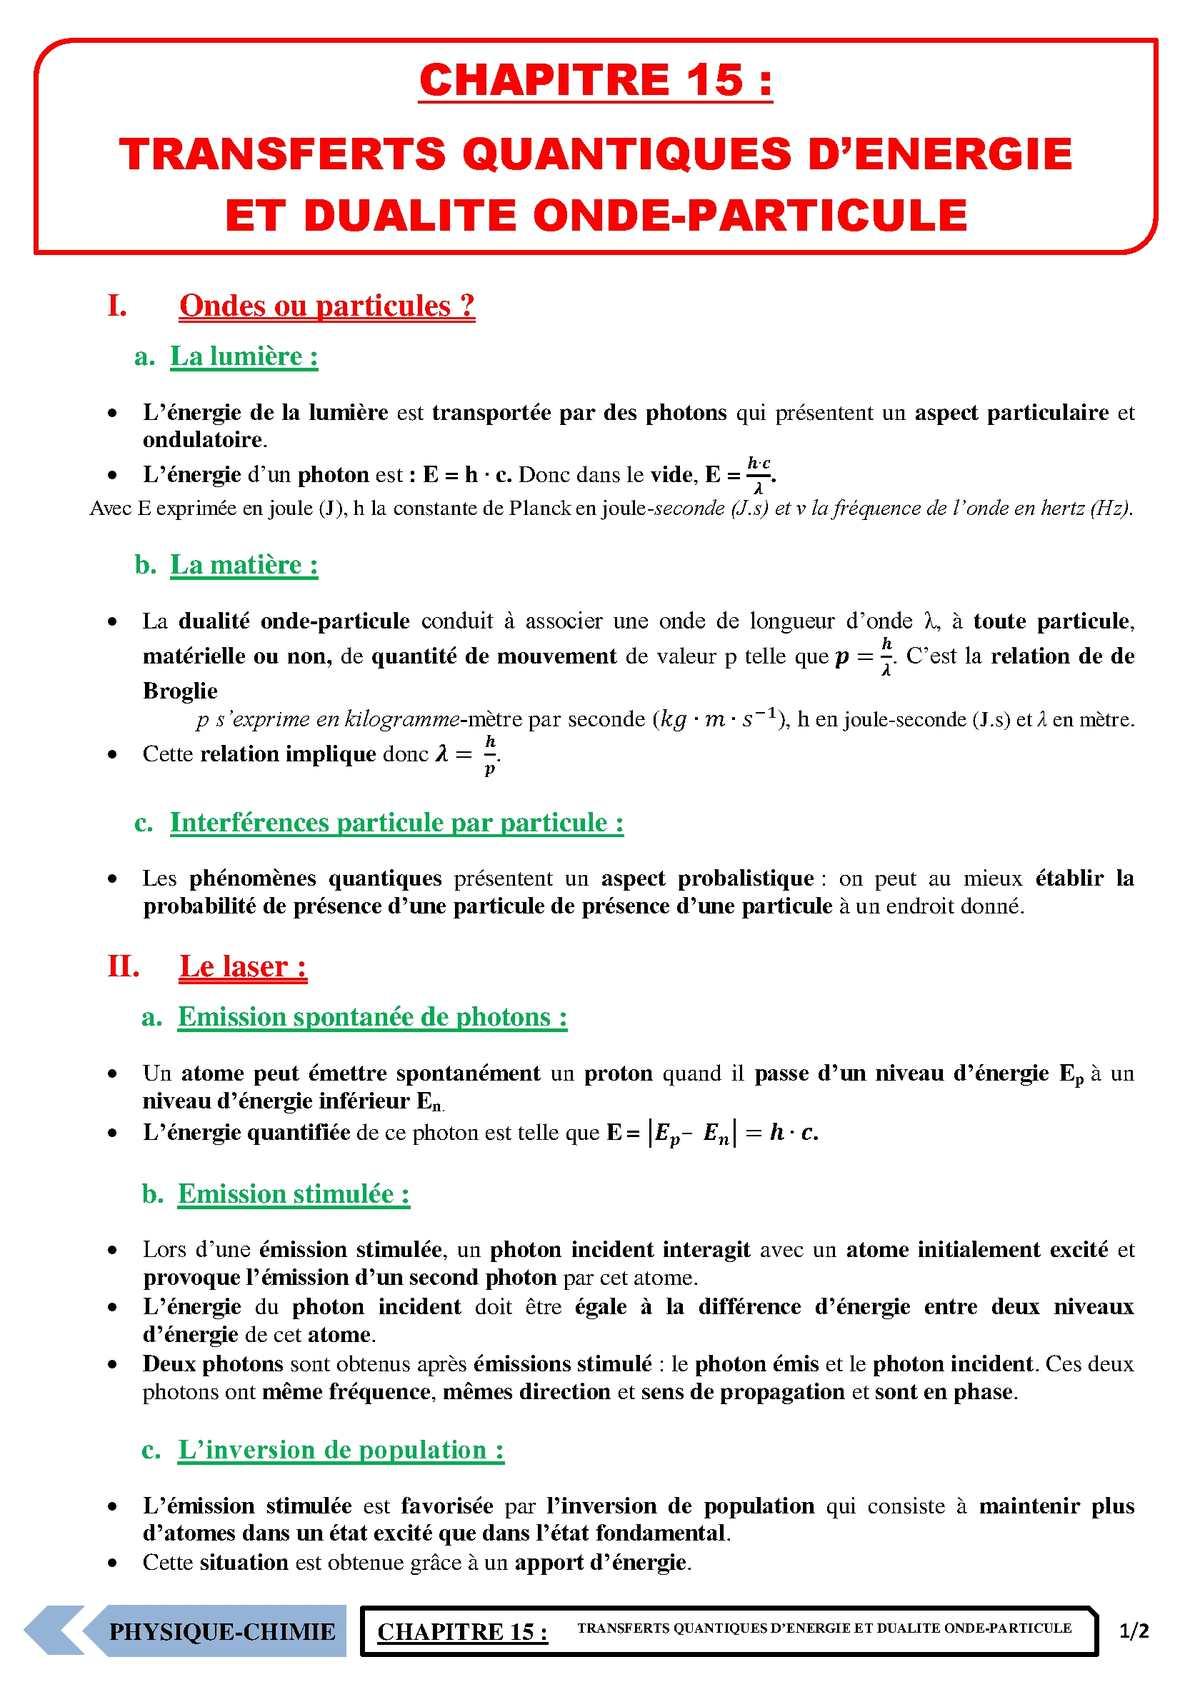 TS - PHYSIQUE/CHIMIE – Chapitre 15 | JéSky.fr